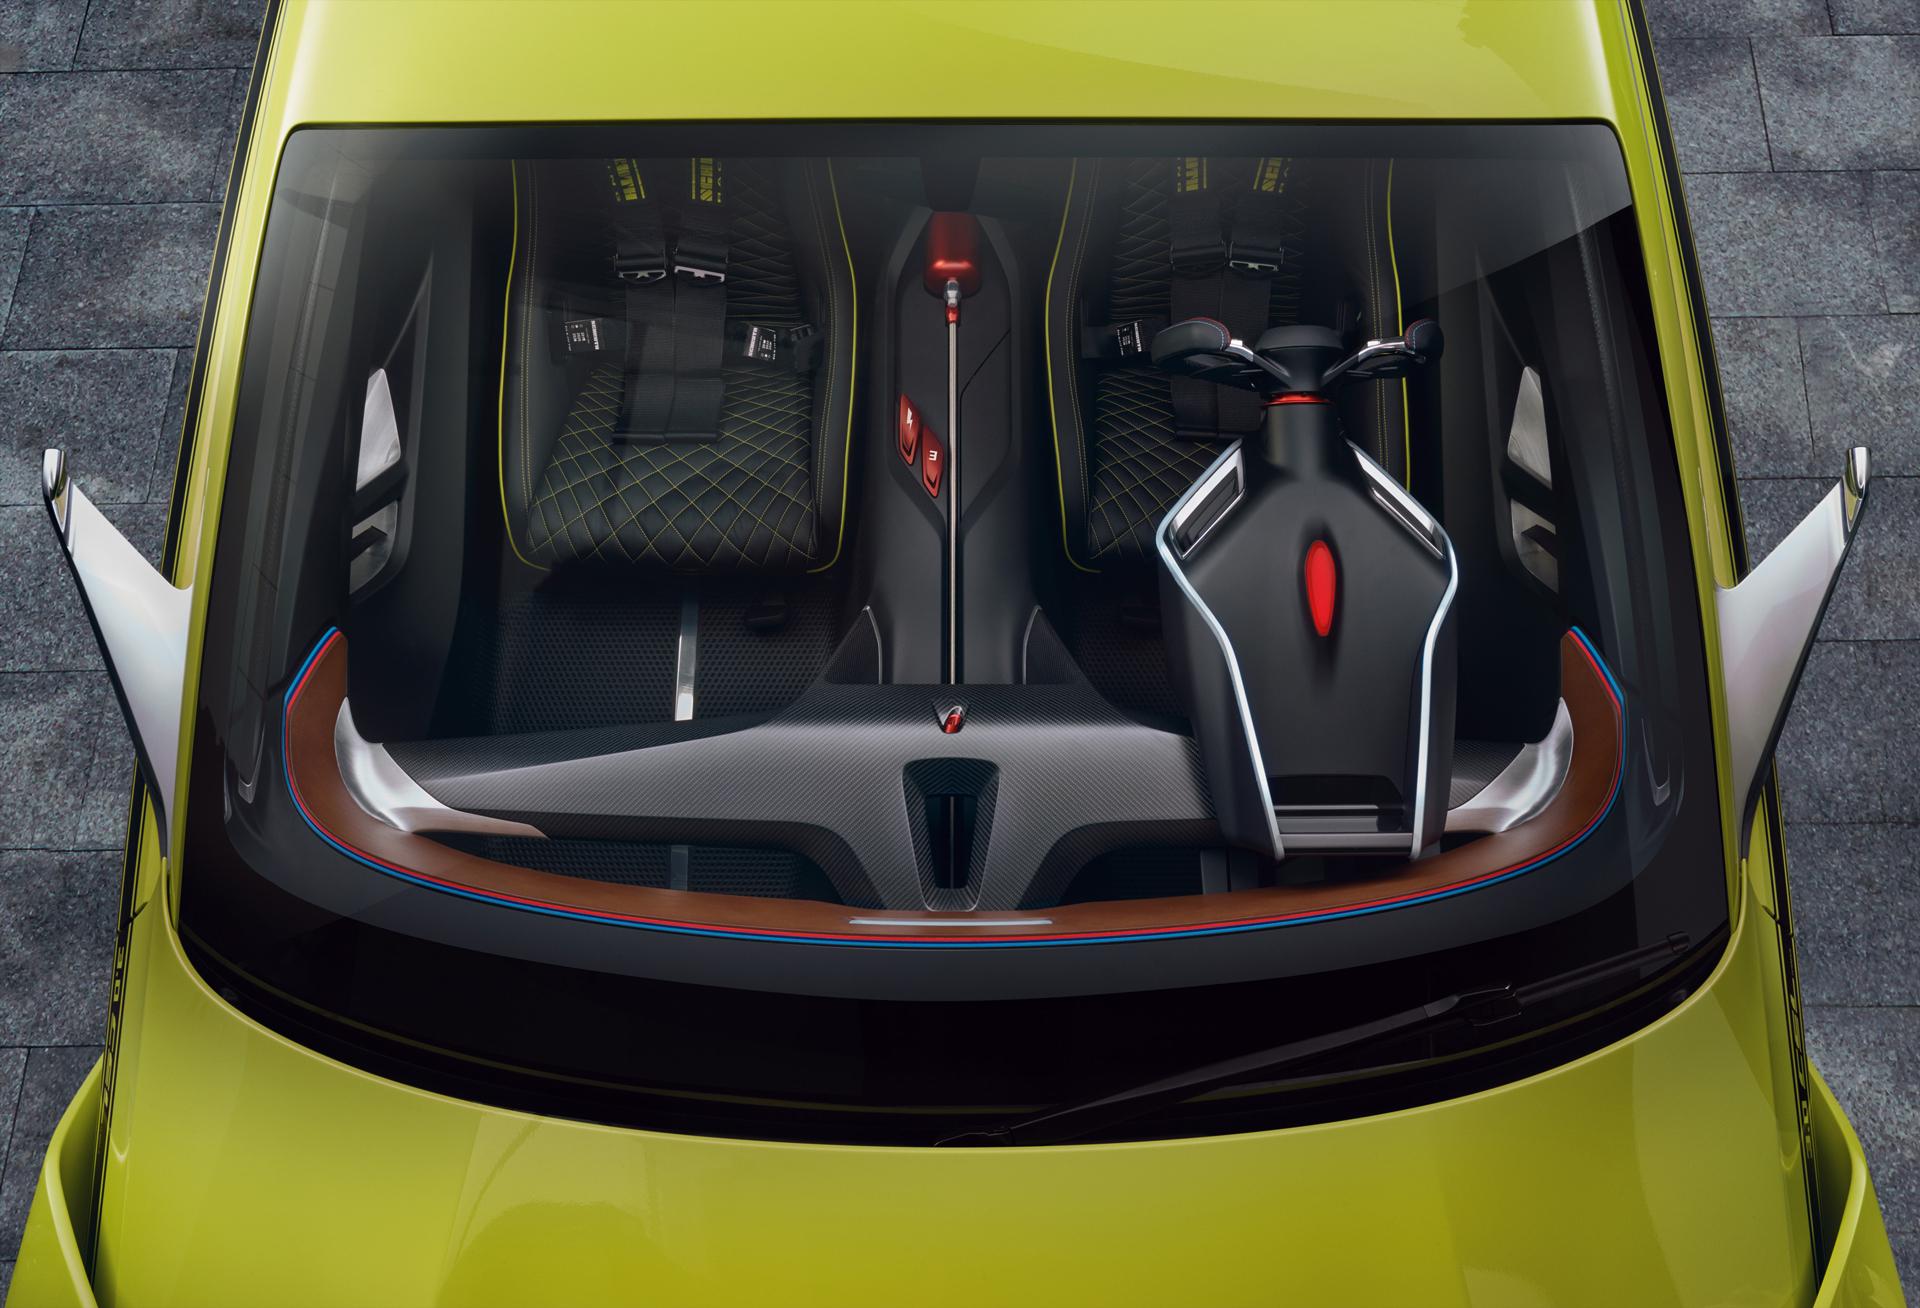 BMW 3.0 CSL Hommage - inside top / intérieur vue de haut